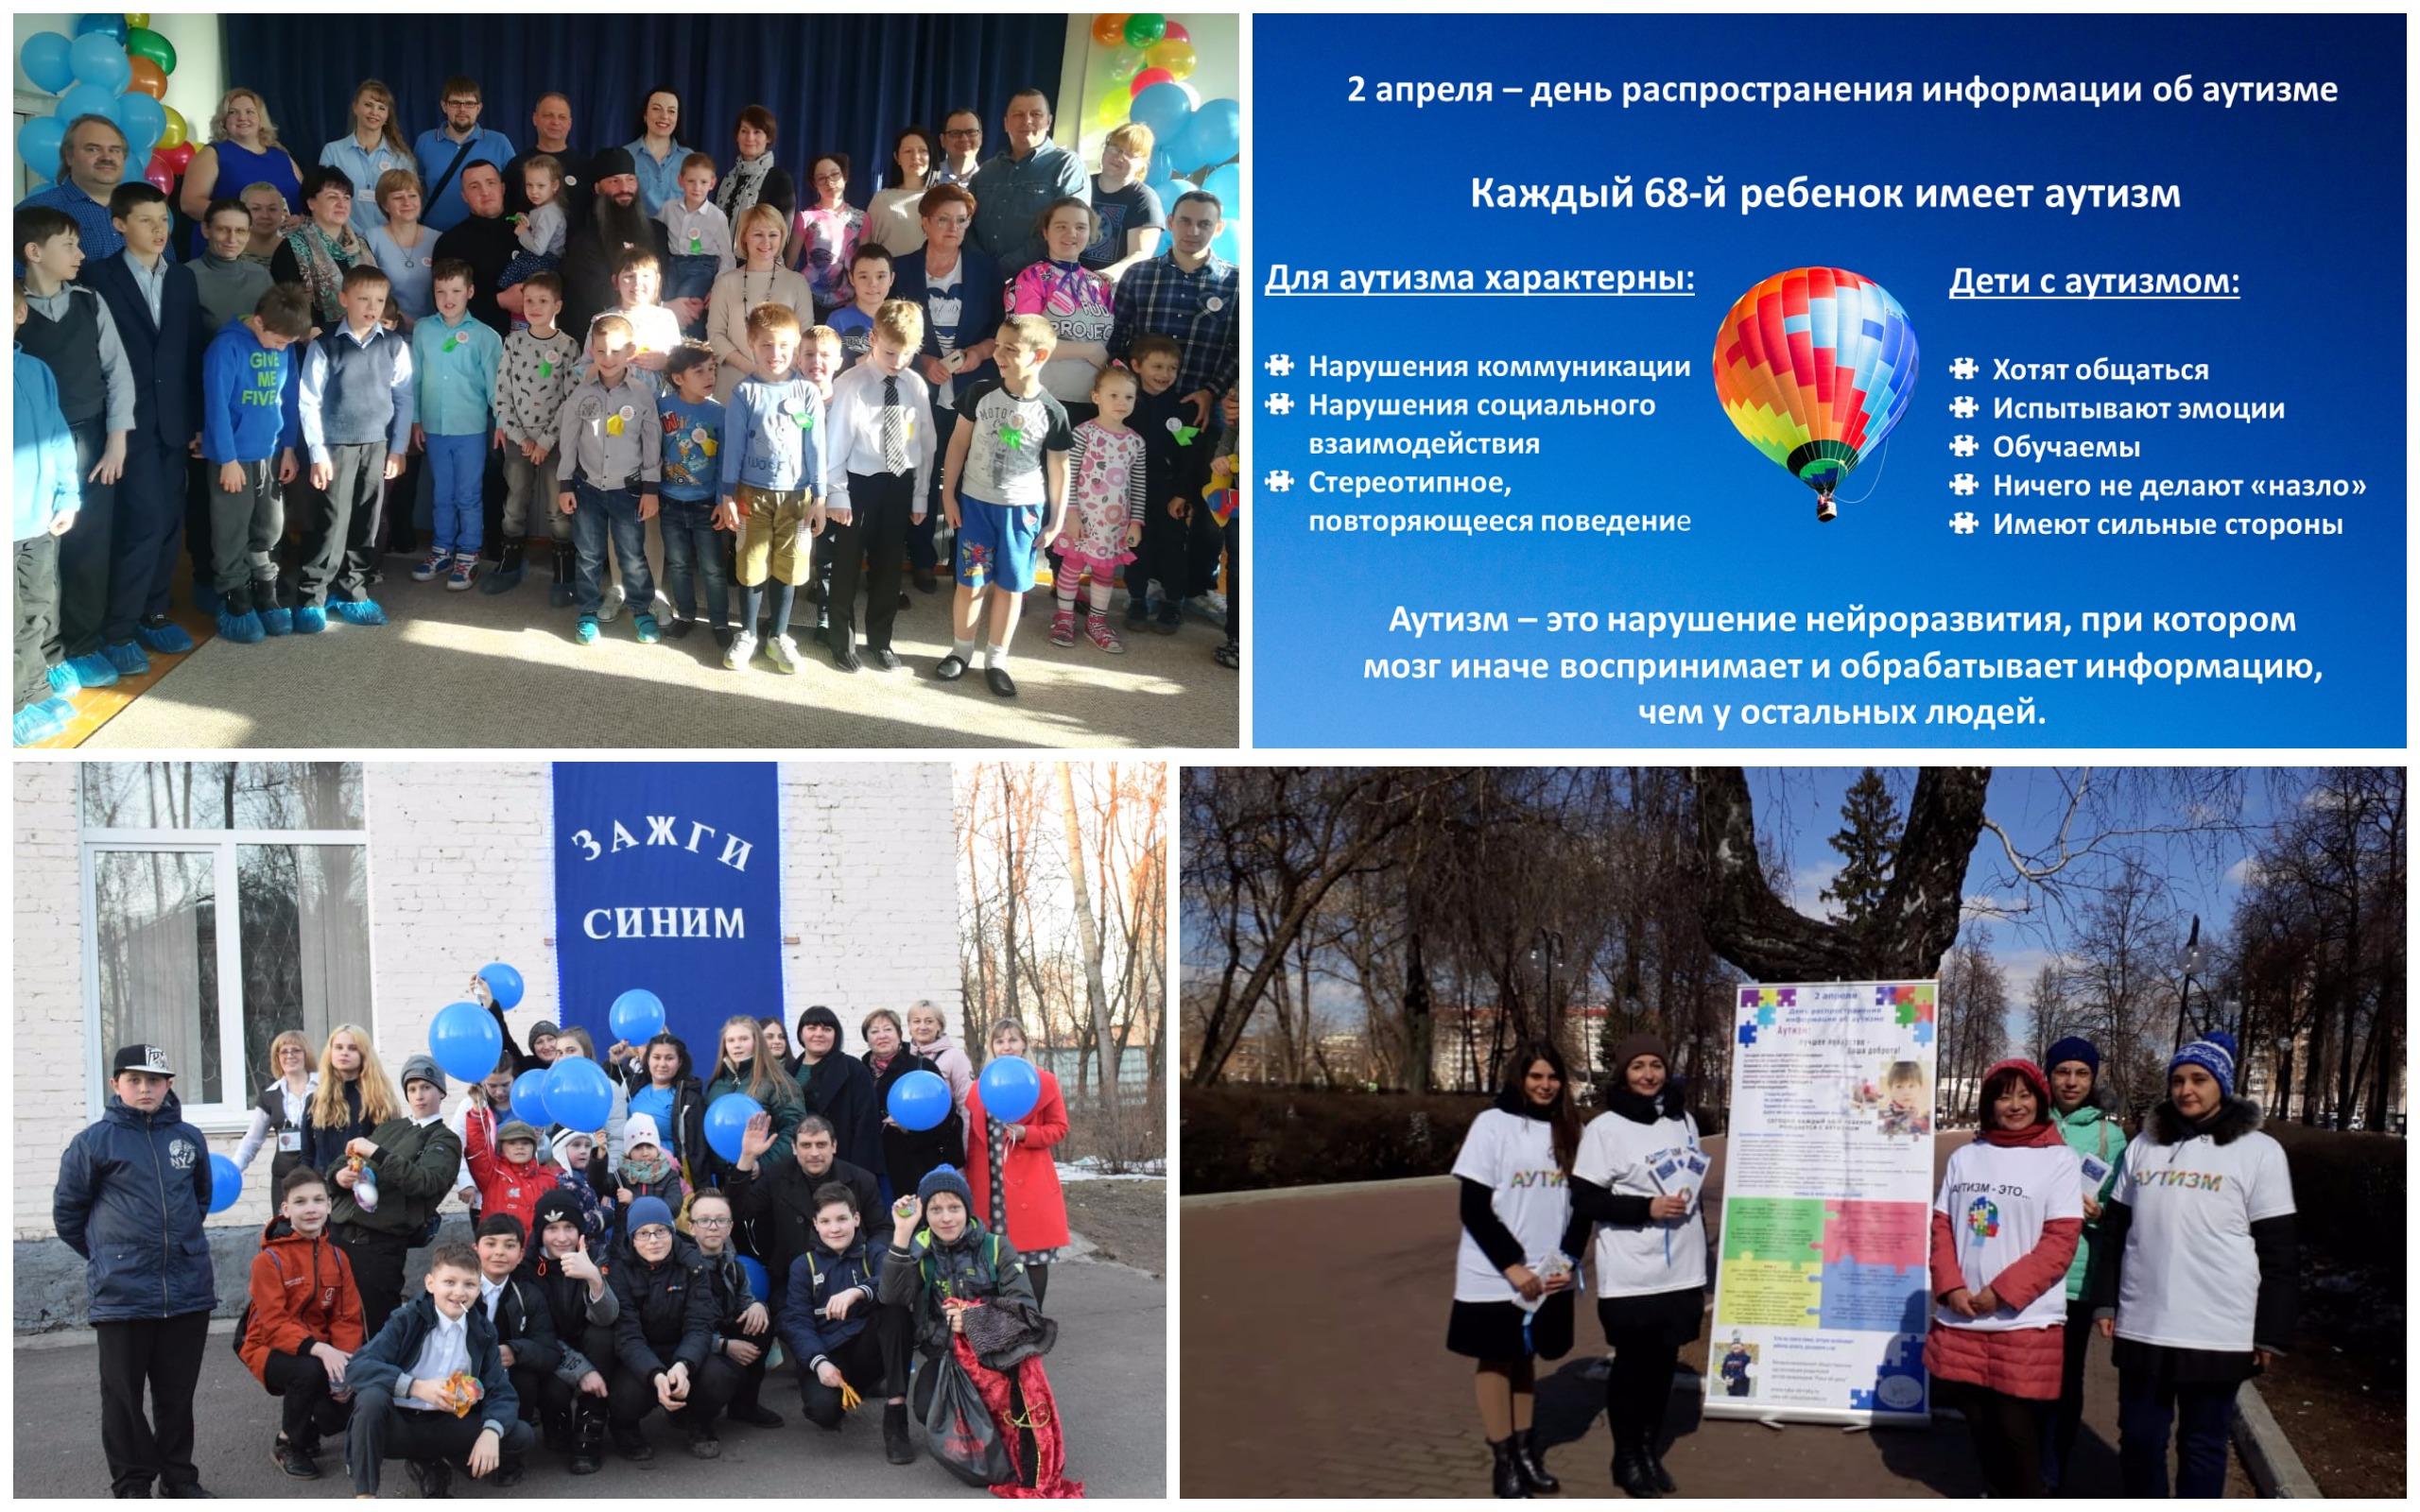 2 апреля, во Всемирный день распространения информации об аутизме, организации – члены АРДИП провели масштабные акции в разных городах Московской области АРДИП